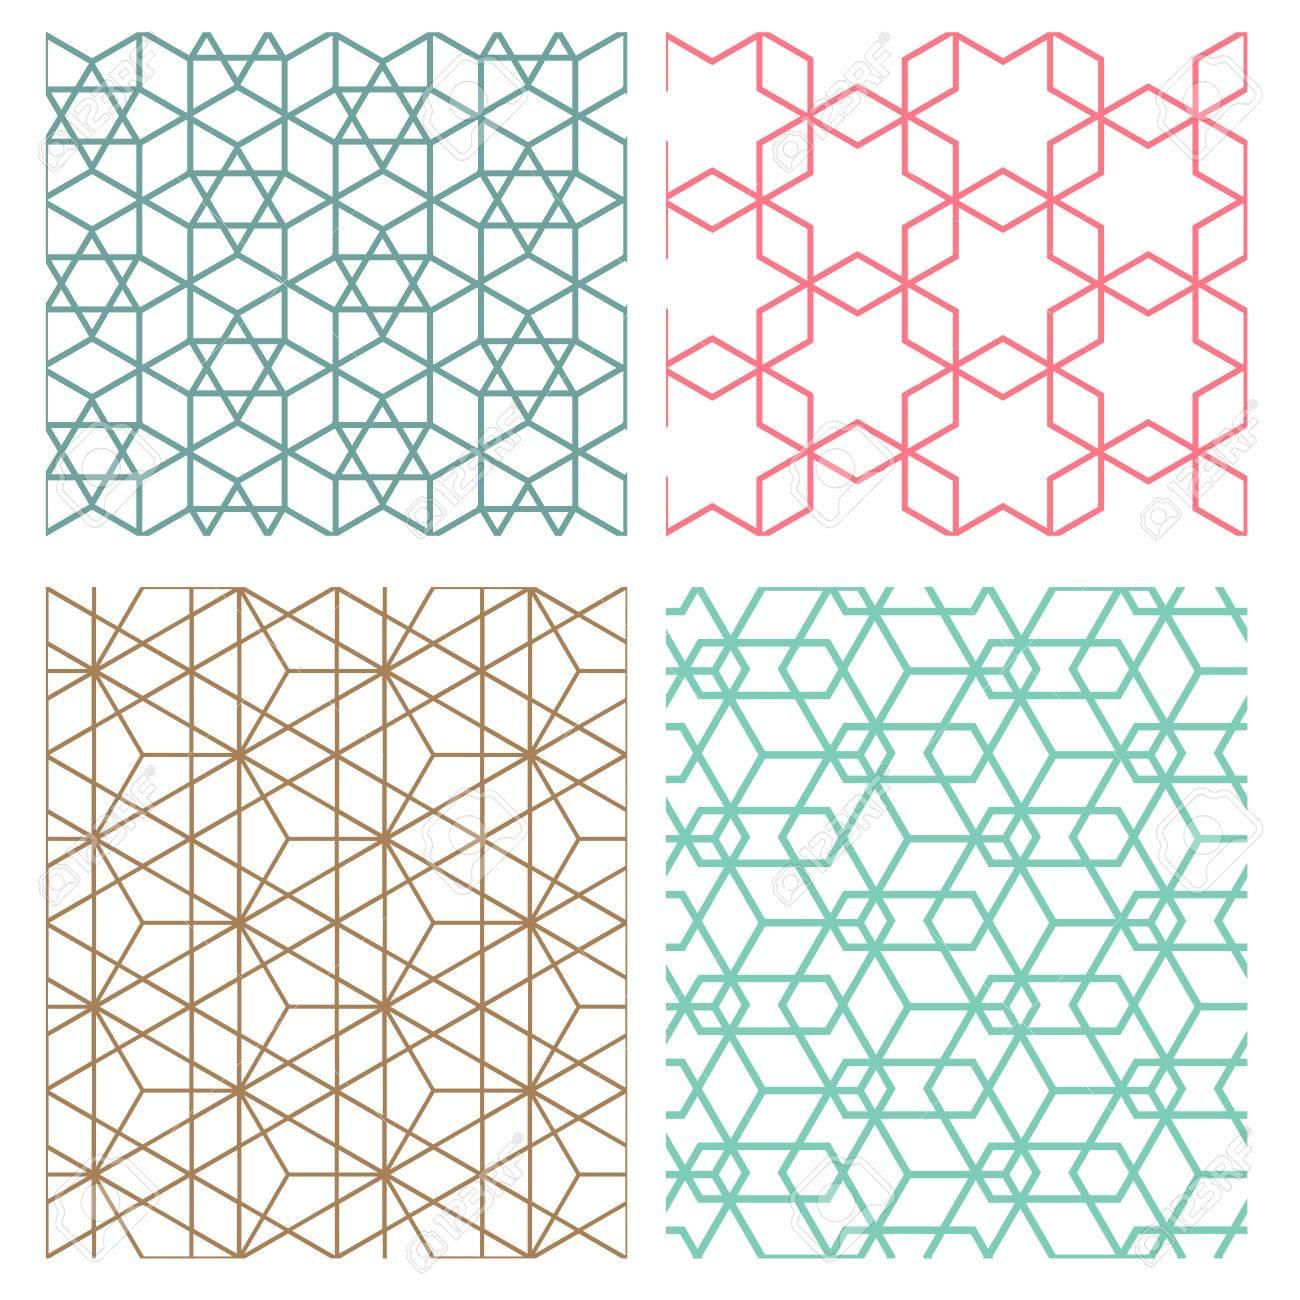 モダンな韓国風のメッシュ幾何学的シームレス パターンのセットの